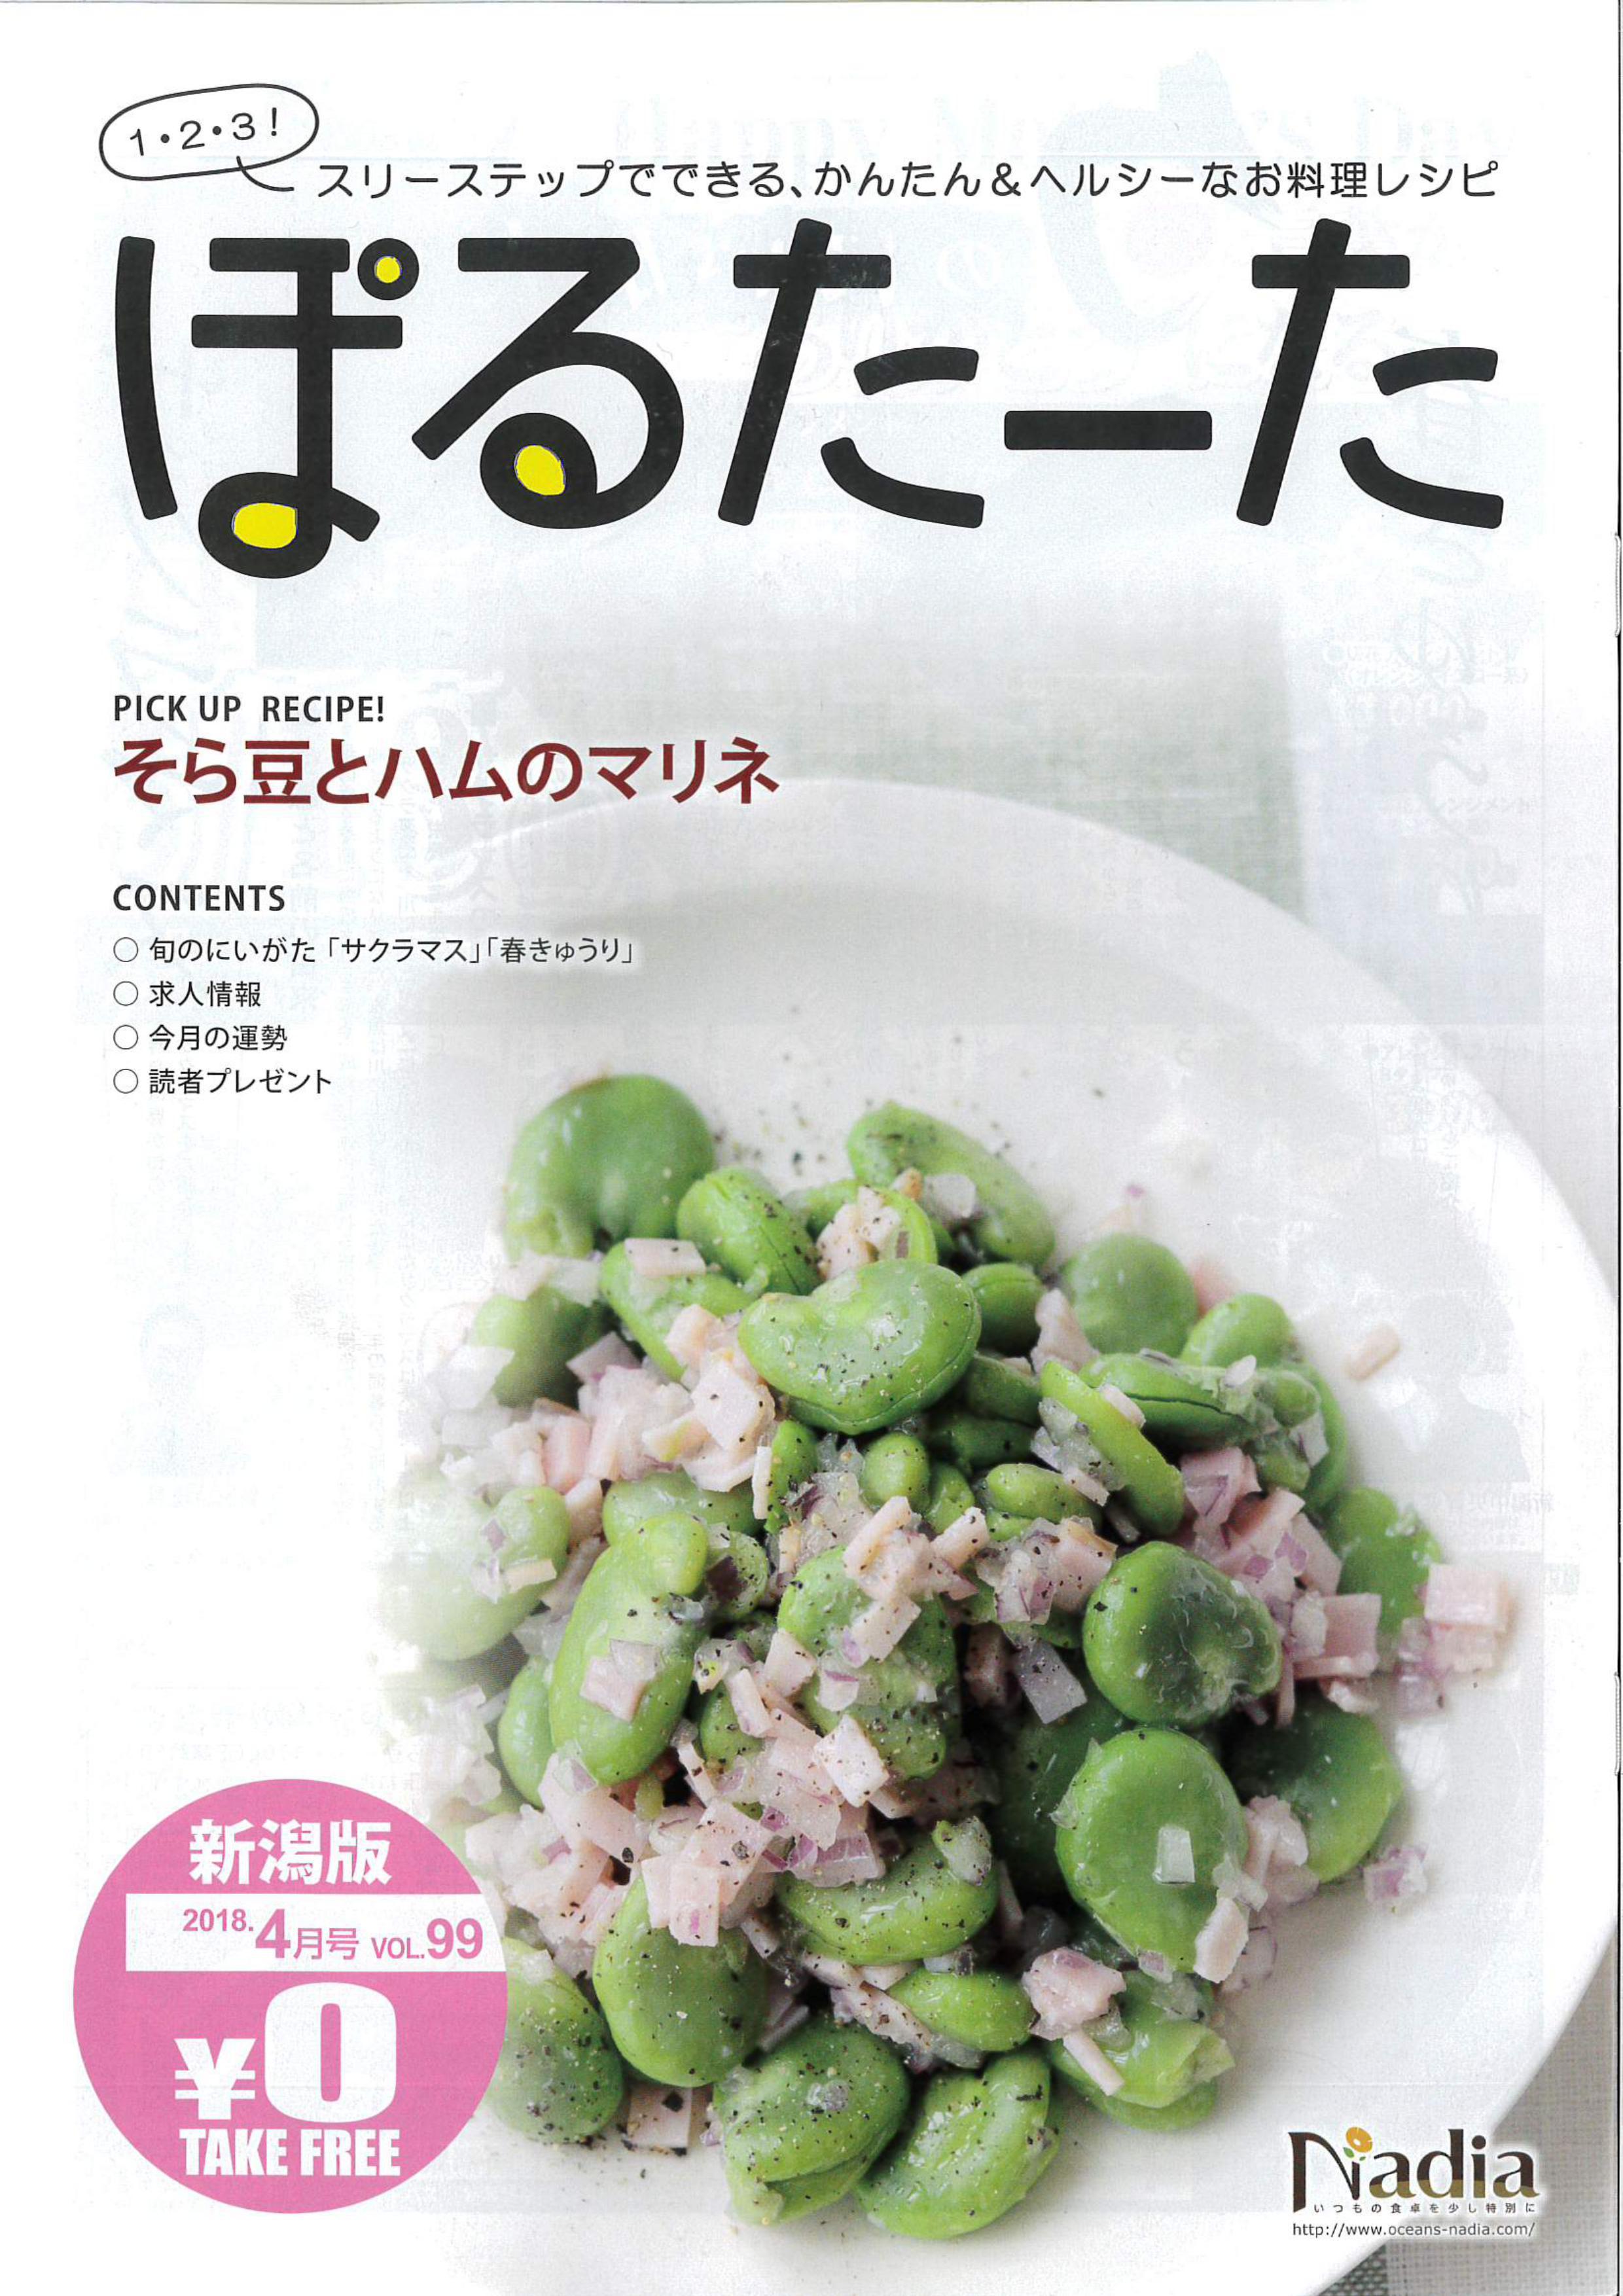 栁川かおり:フリーペーパー「ぽるたーたVOL.99(2018.4月号)」にレシピが掲載されました